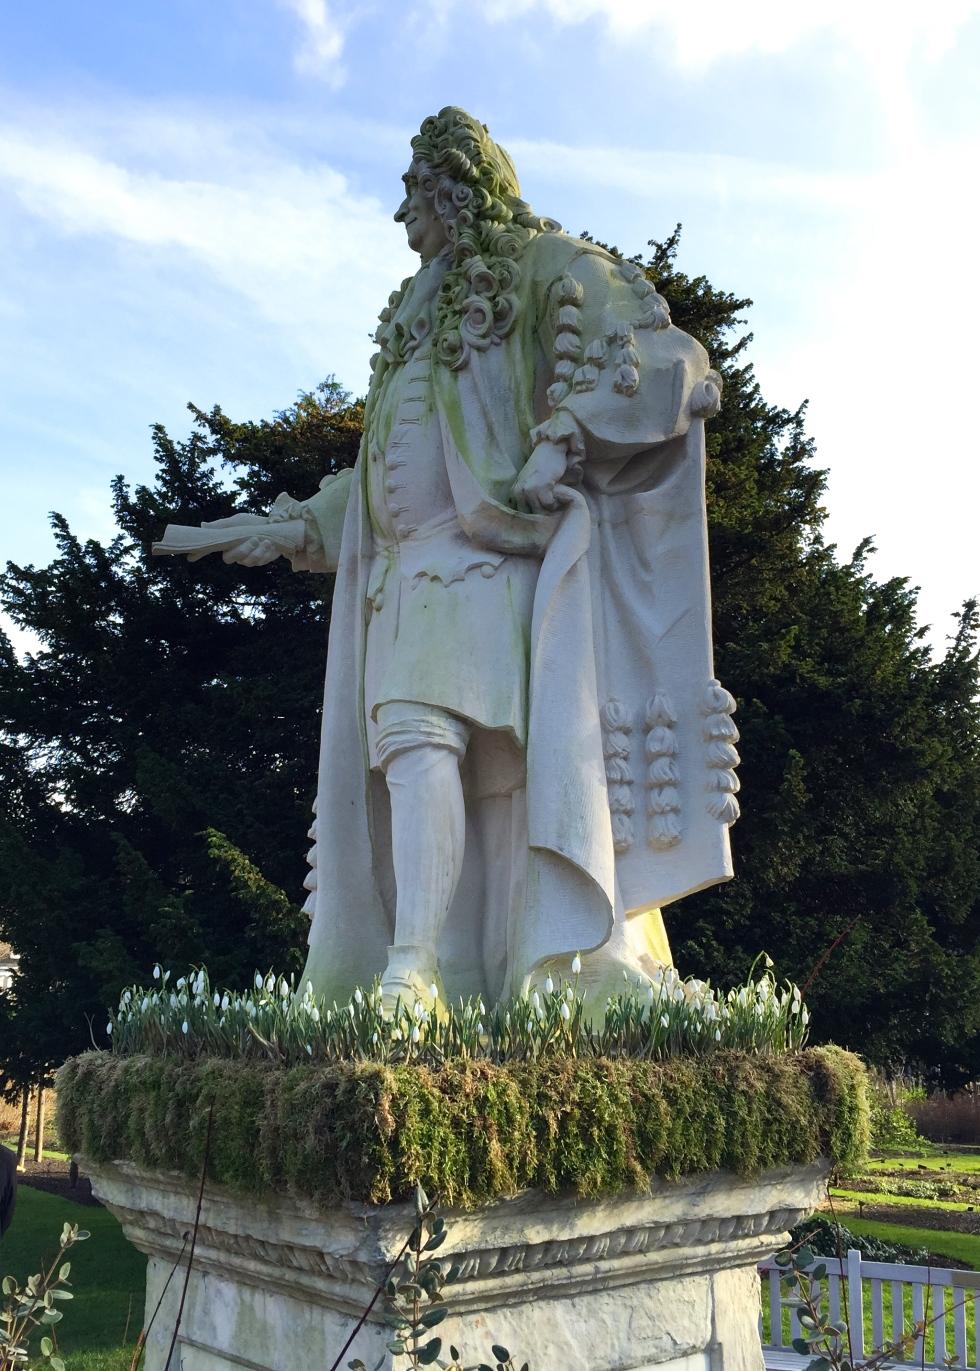 Dr. Hans Sloane - A fine gentleman, overlooking his fine garden